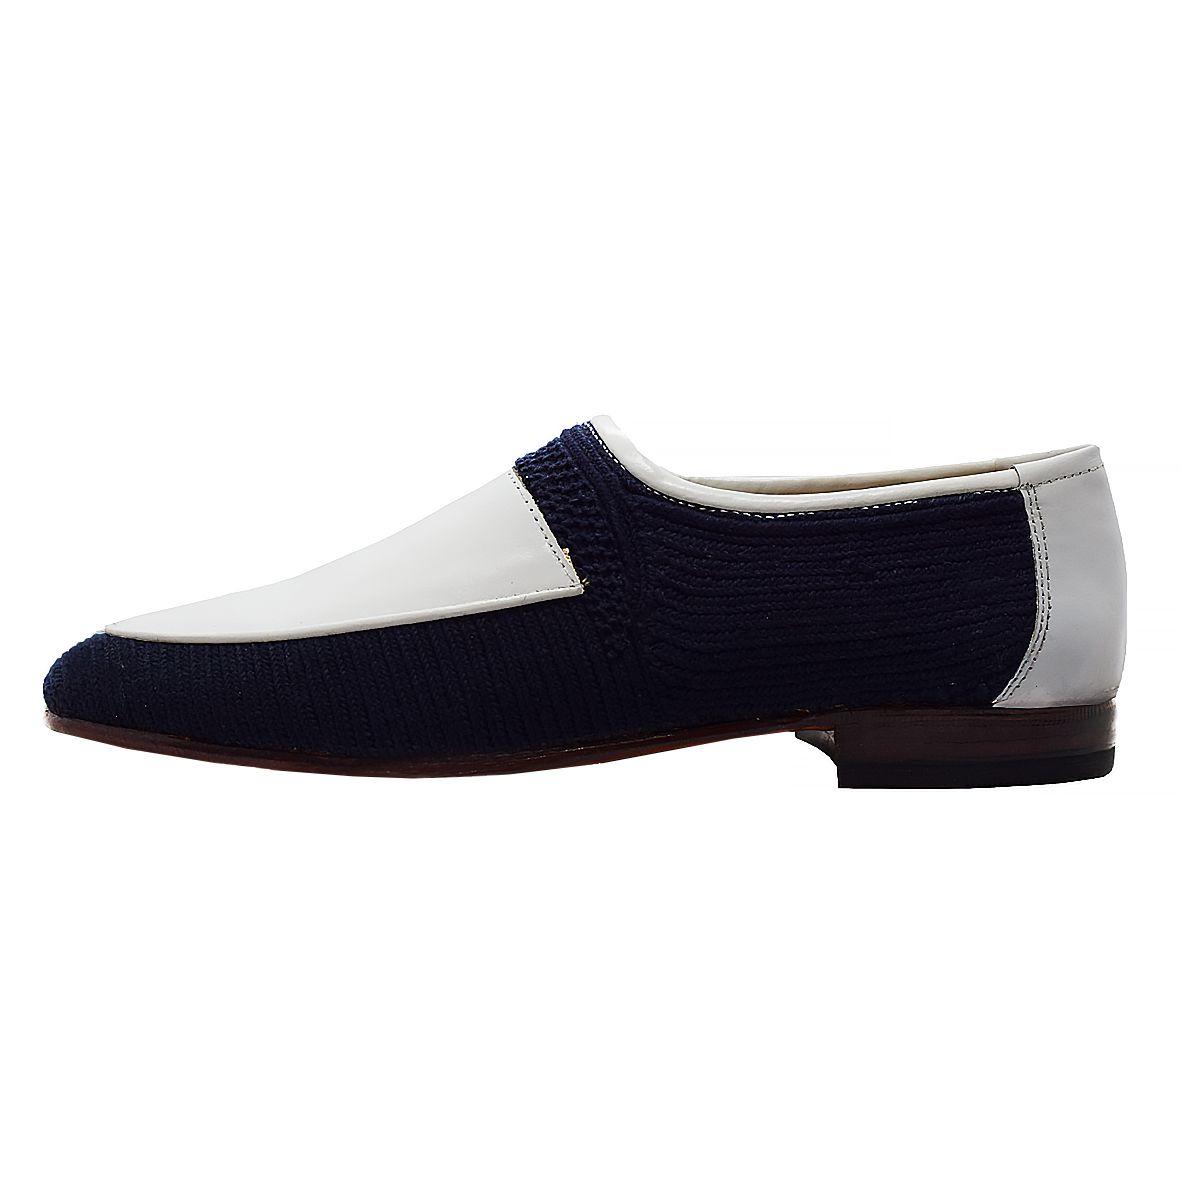 کفش زنانه دگرمان مدل آبان کد deg.1ab1014 -  - 2